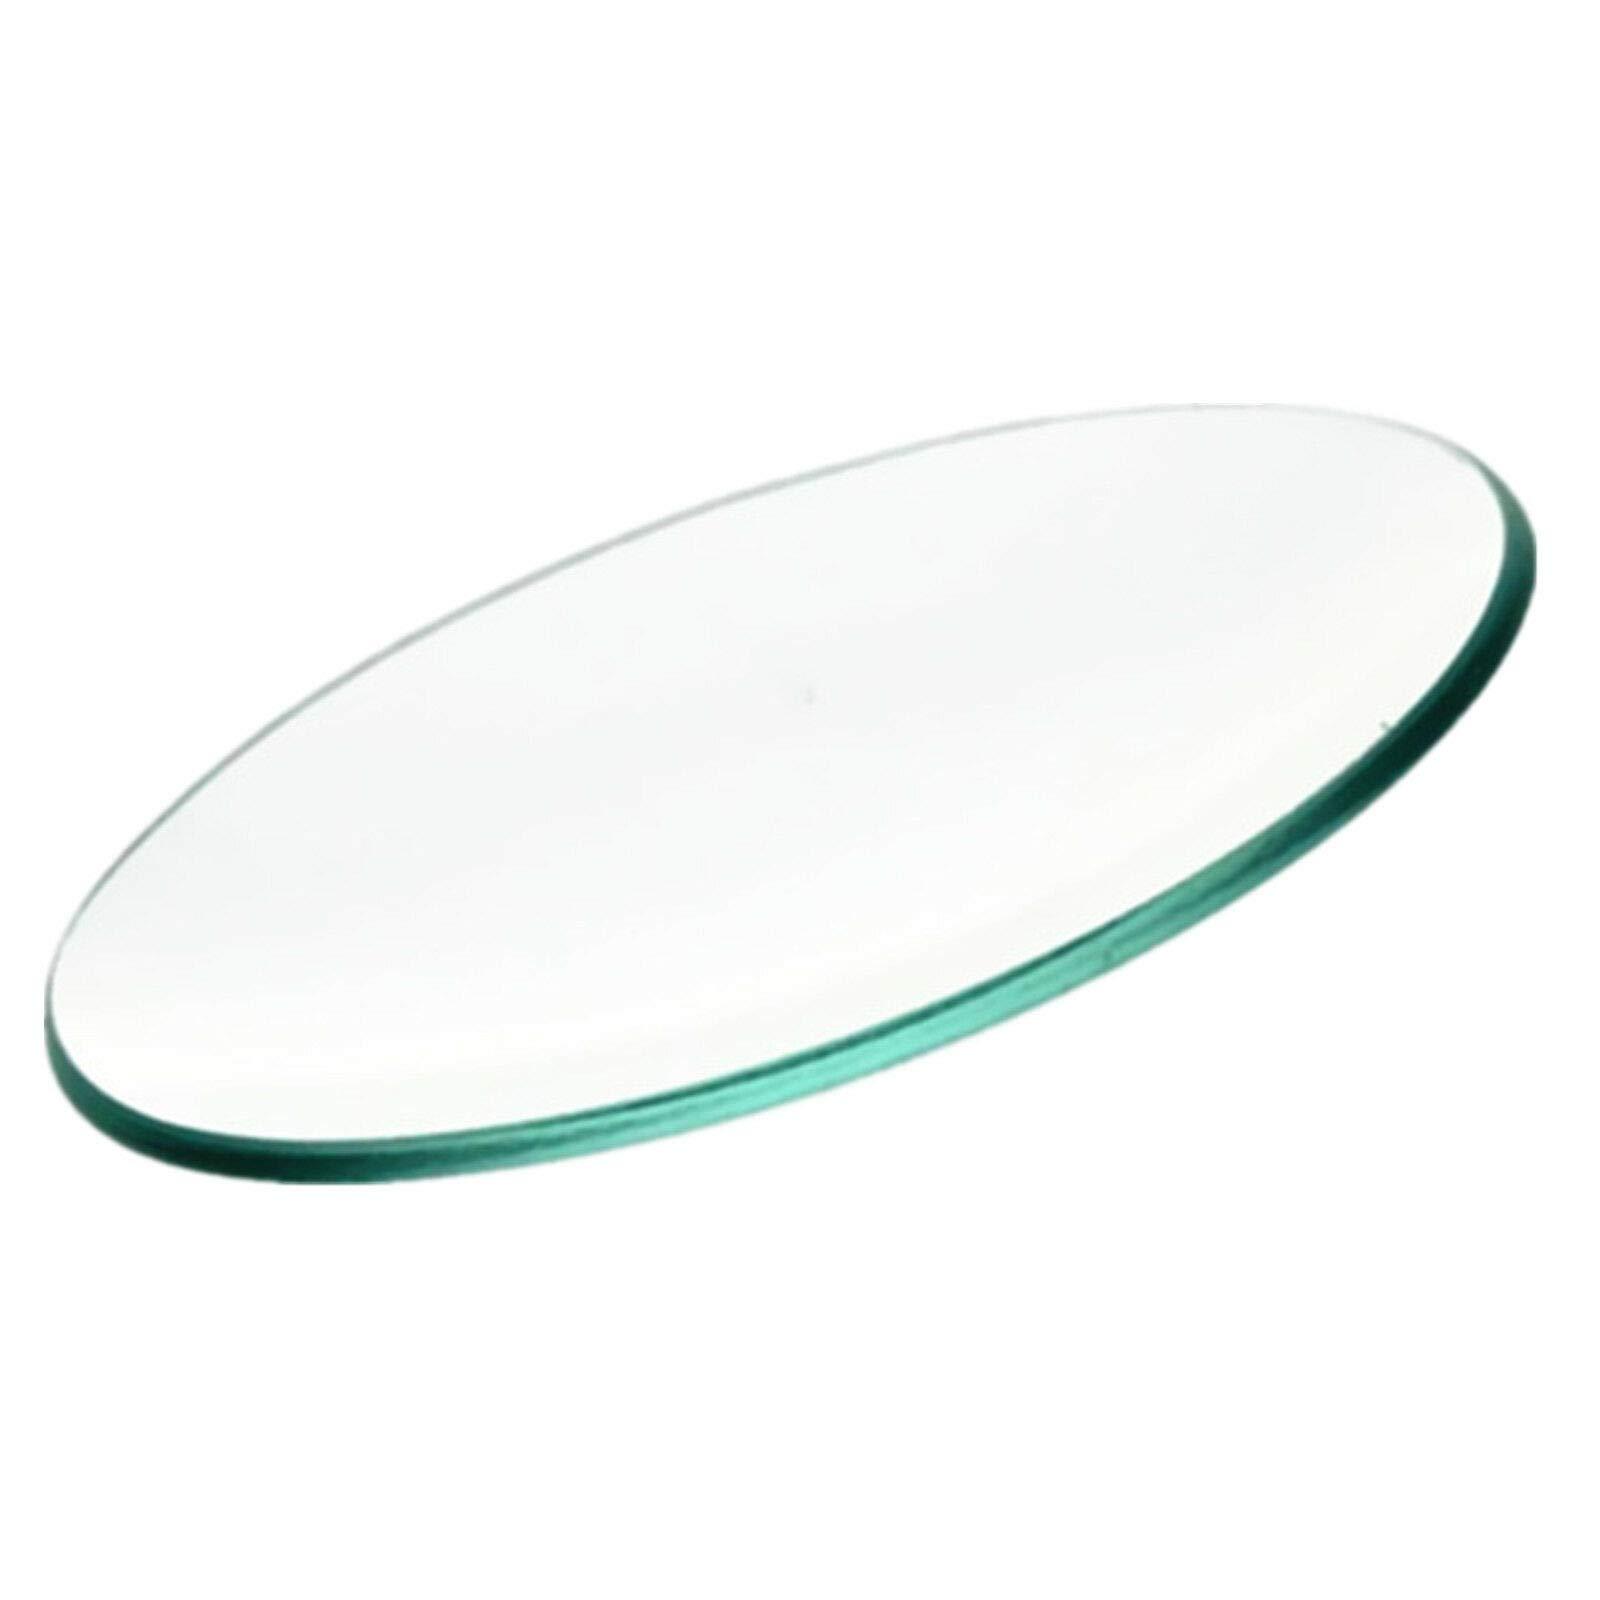 Deschem Laboratory Watch Glass Dishes Lab Surf ace Disk 5 Piece/Lot by Deschem